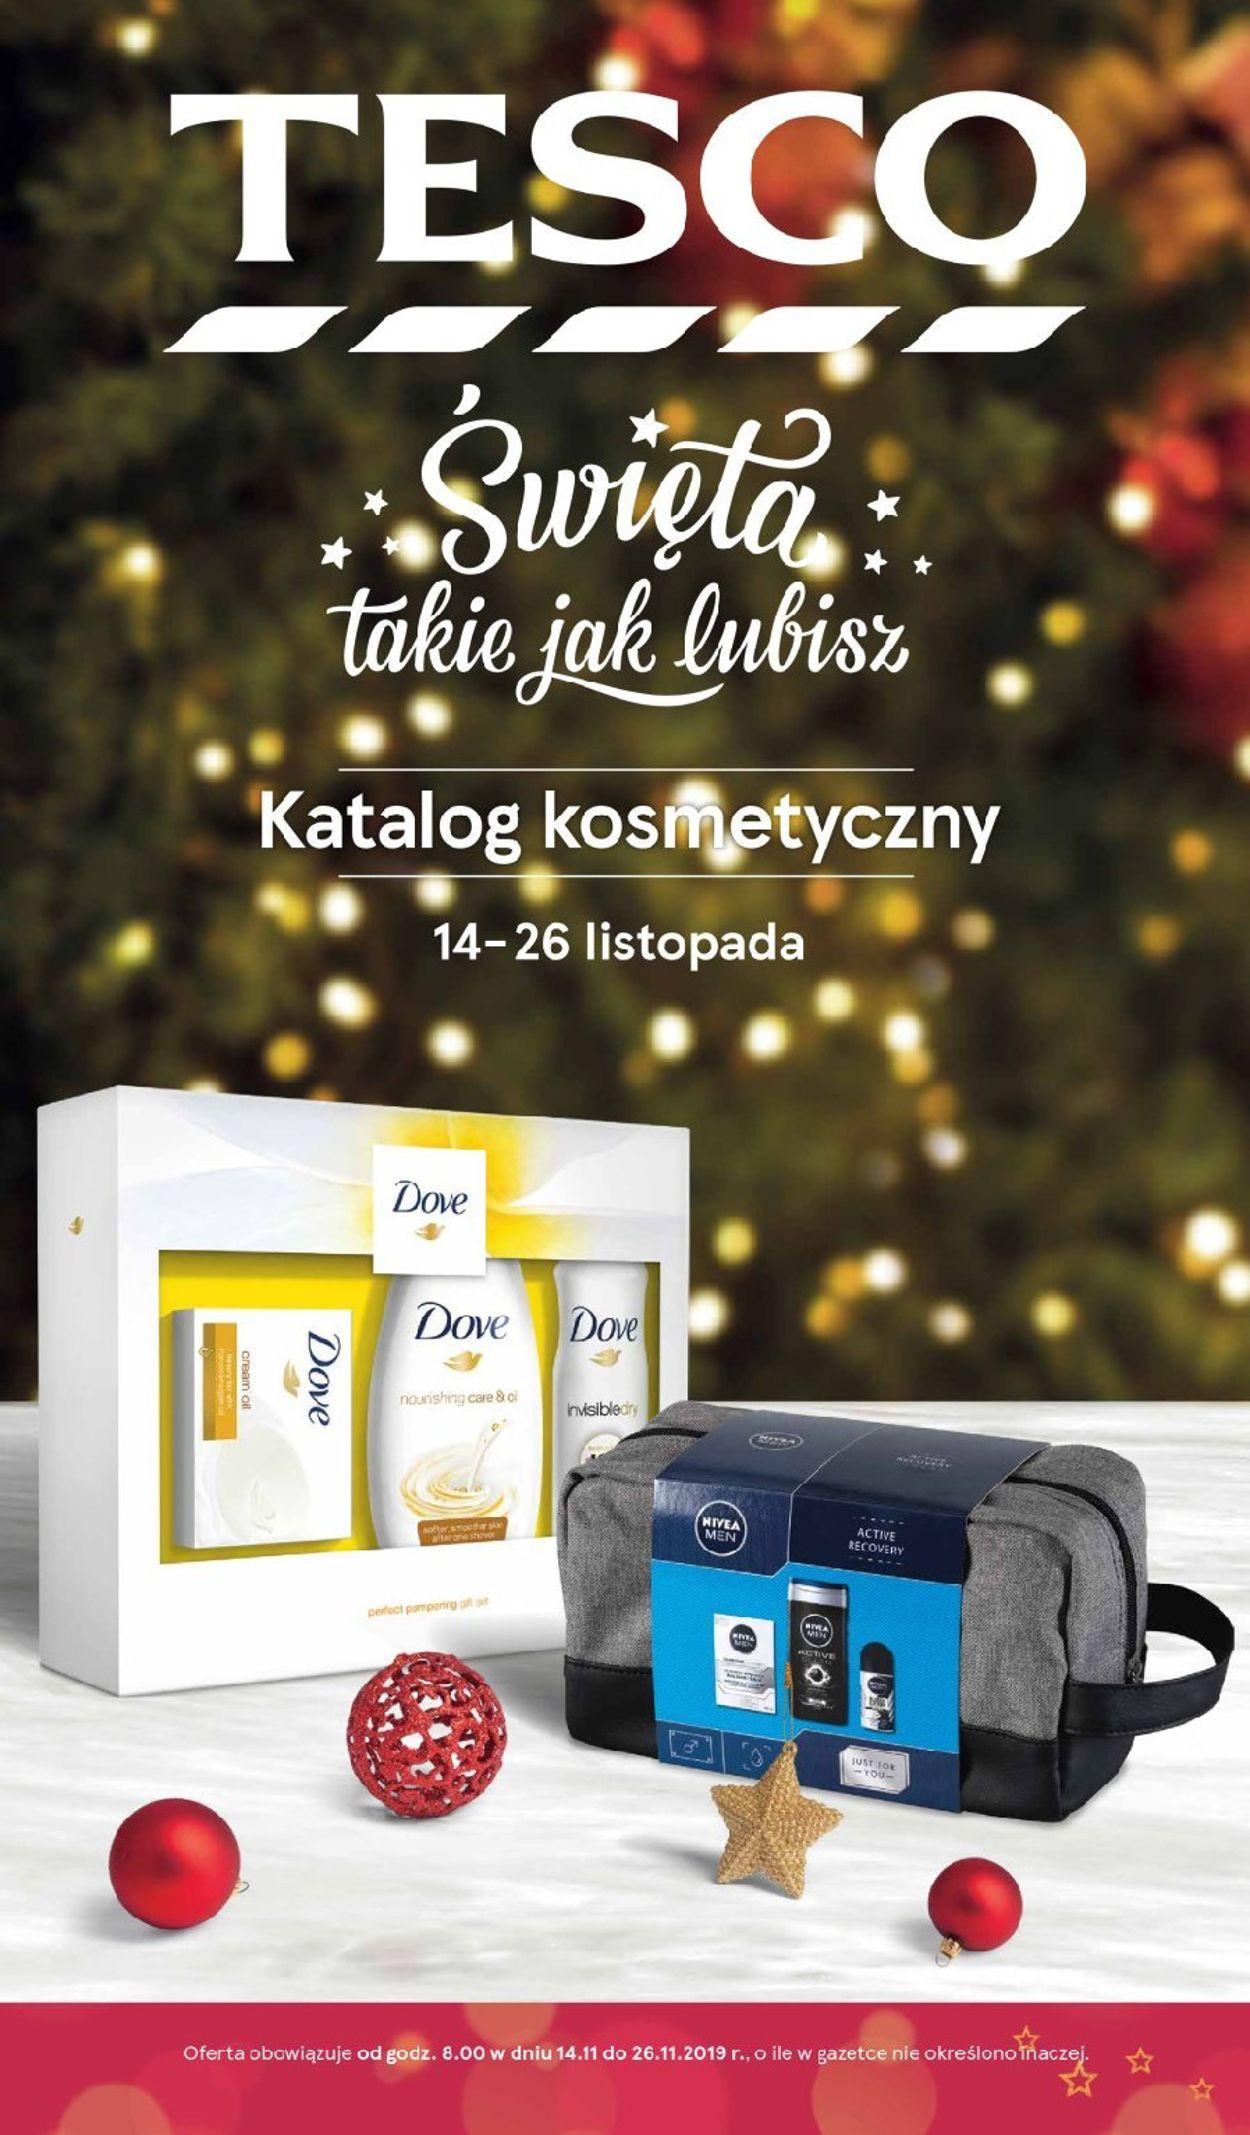 Gazetka promocyjna TESCO - 14.11-26.11.2019